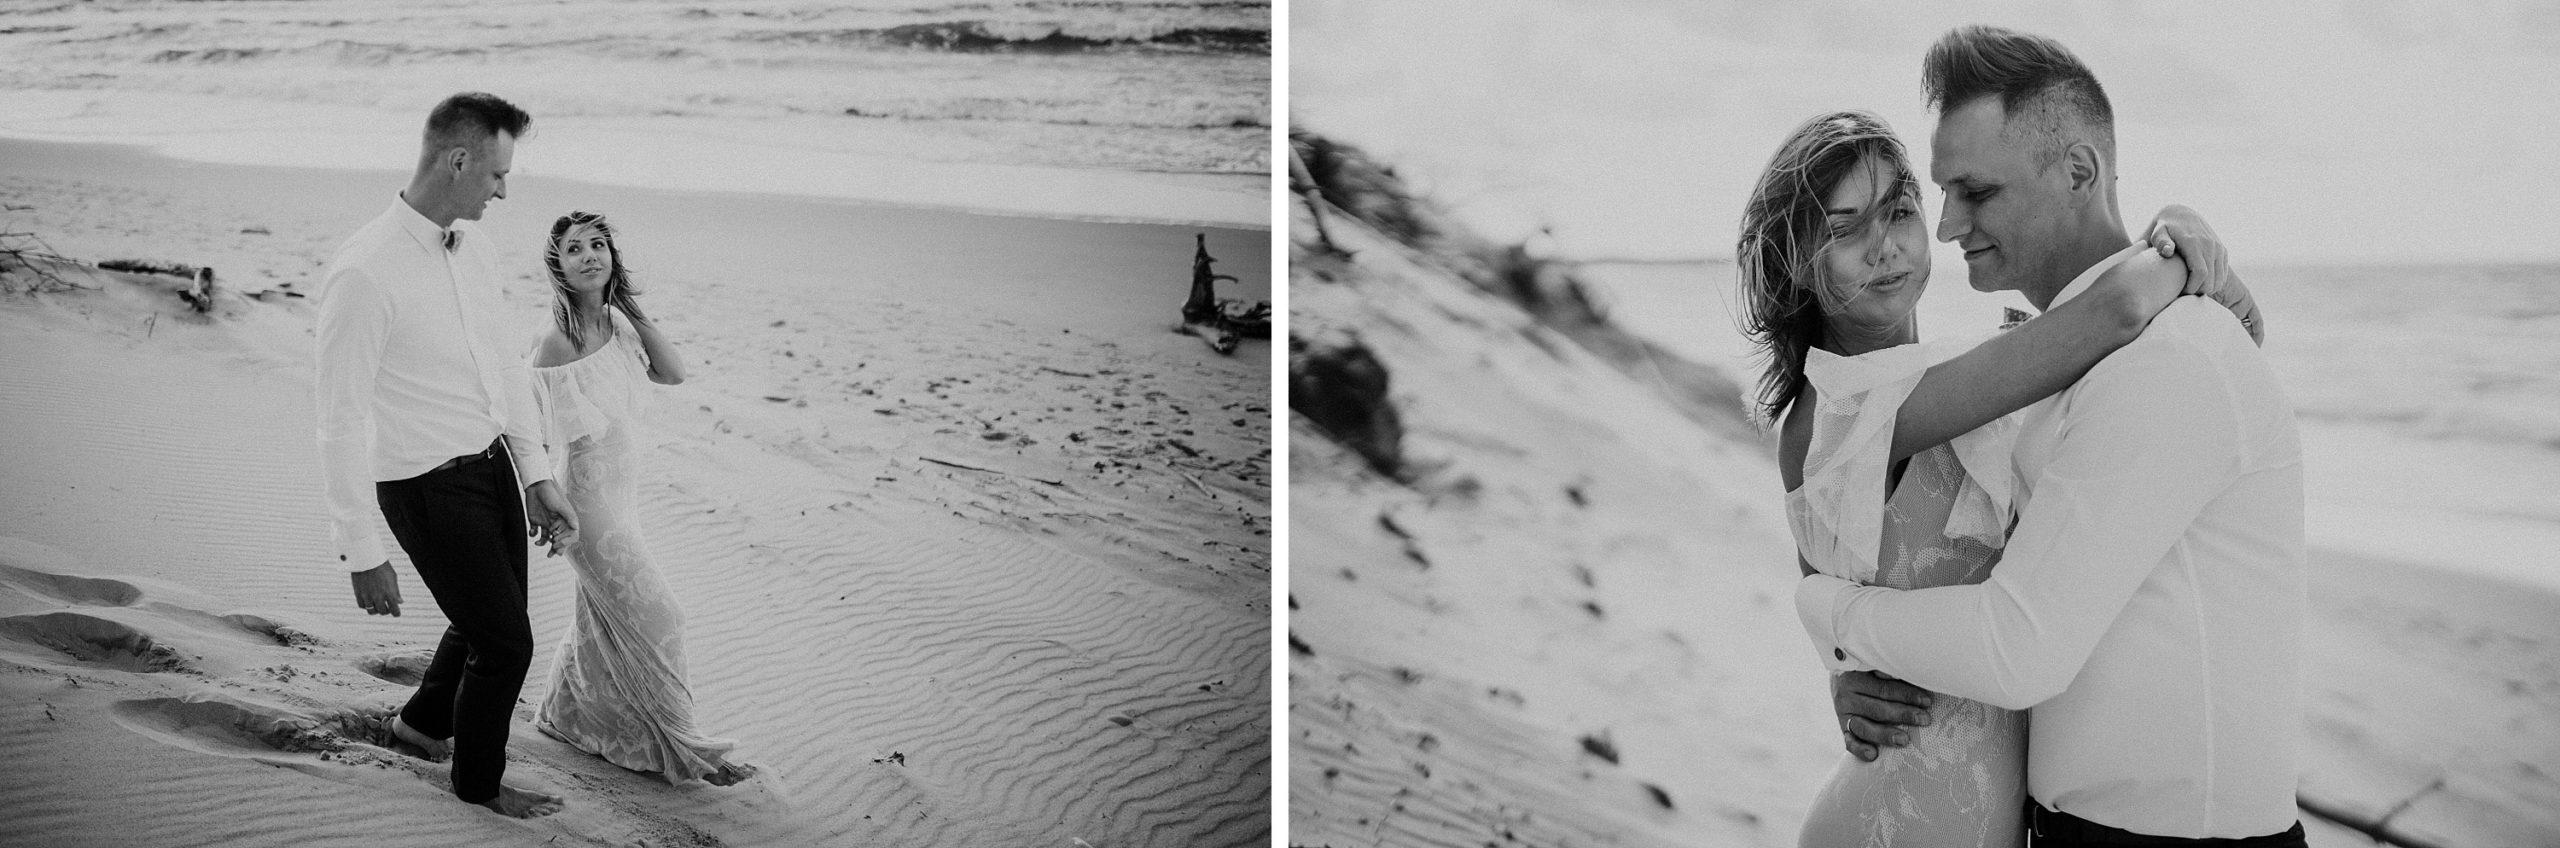 plener sesja slubna nad morzem Ustka 247 scaled